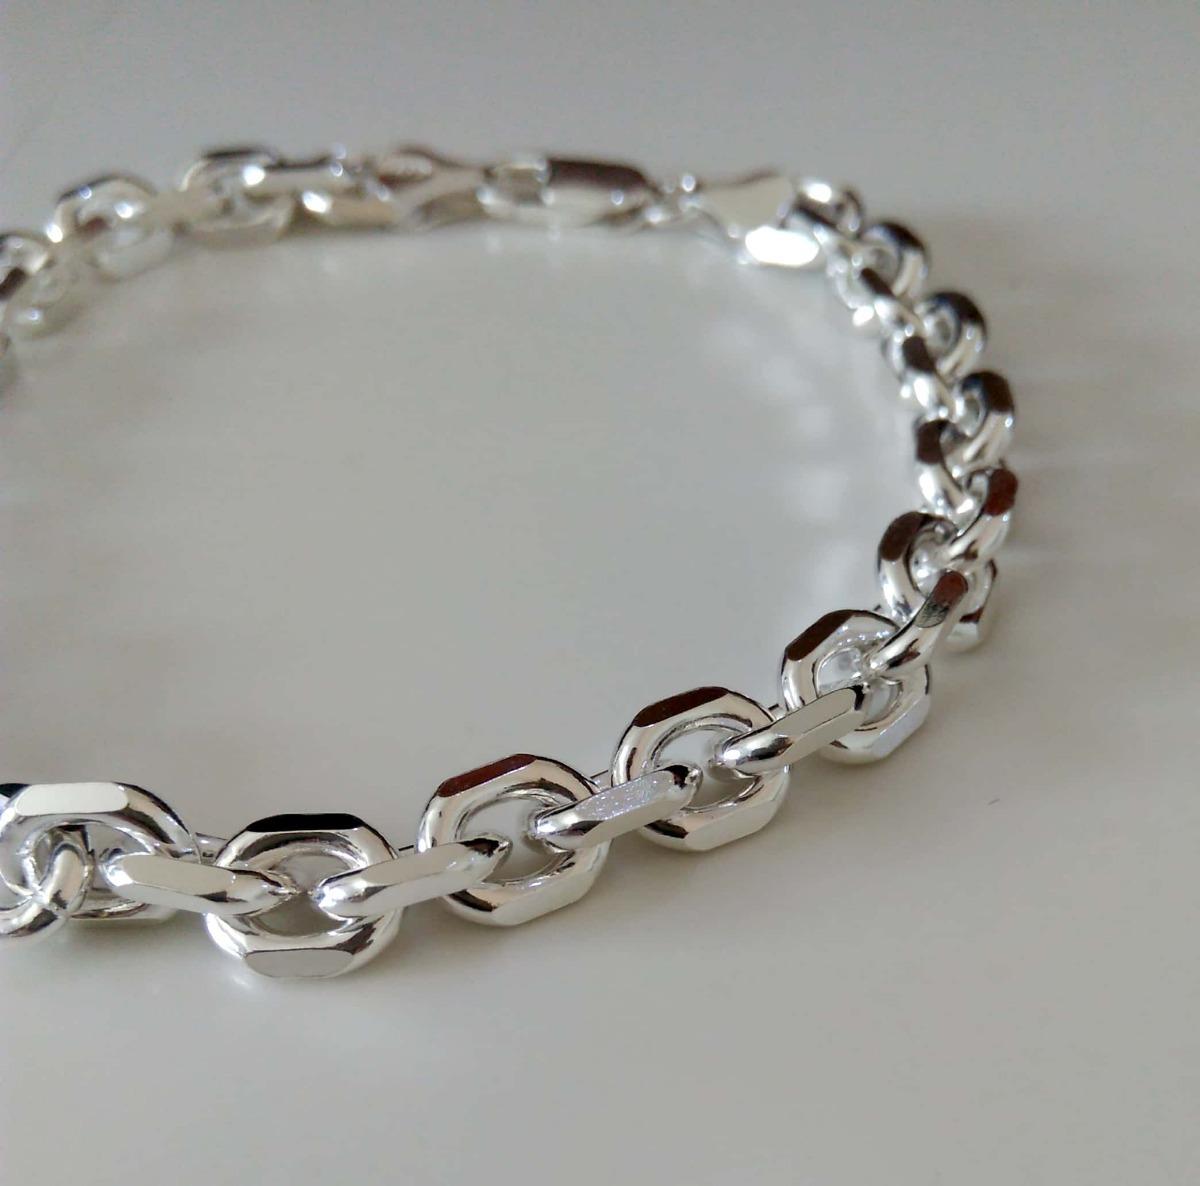 356a7385c6f pulseira cartier masculina original 21cm prata 925 nova. Carregando zoom.